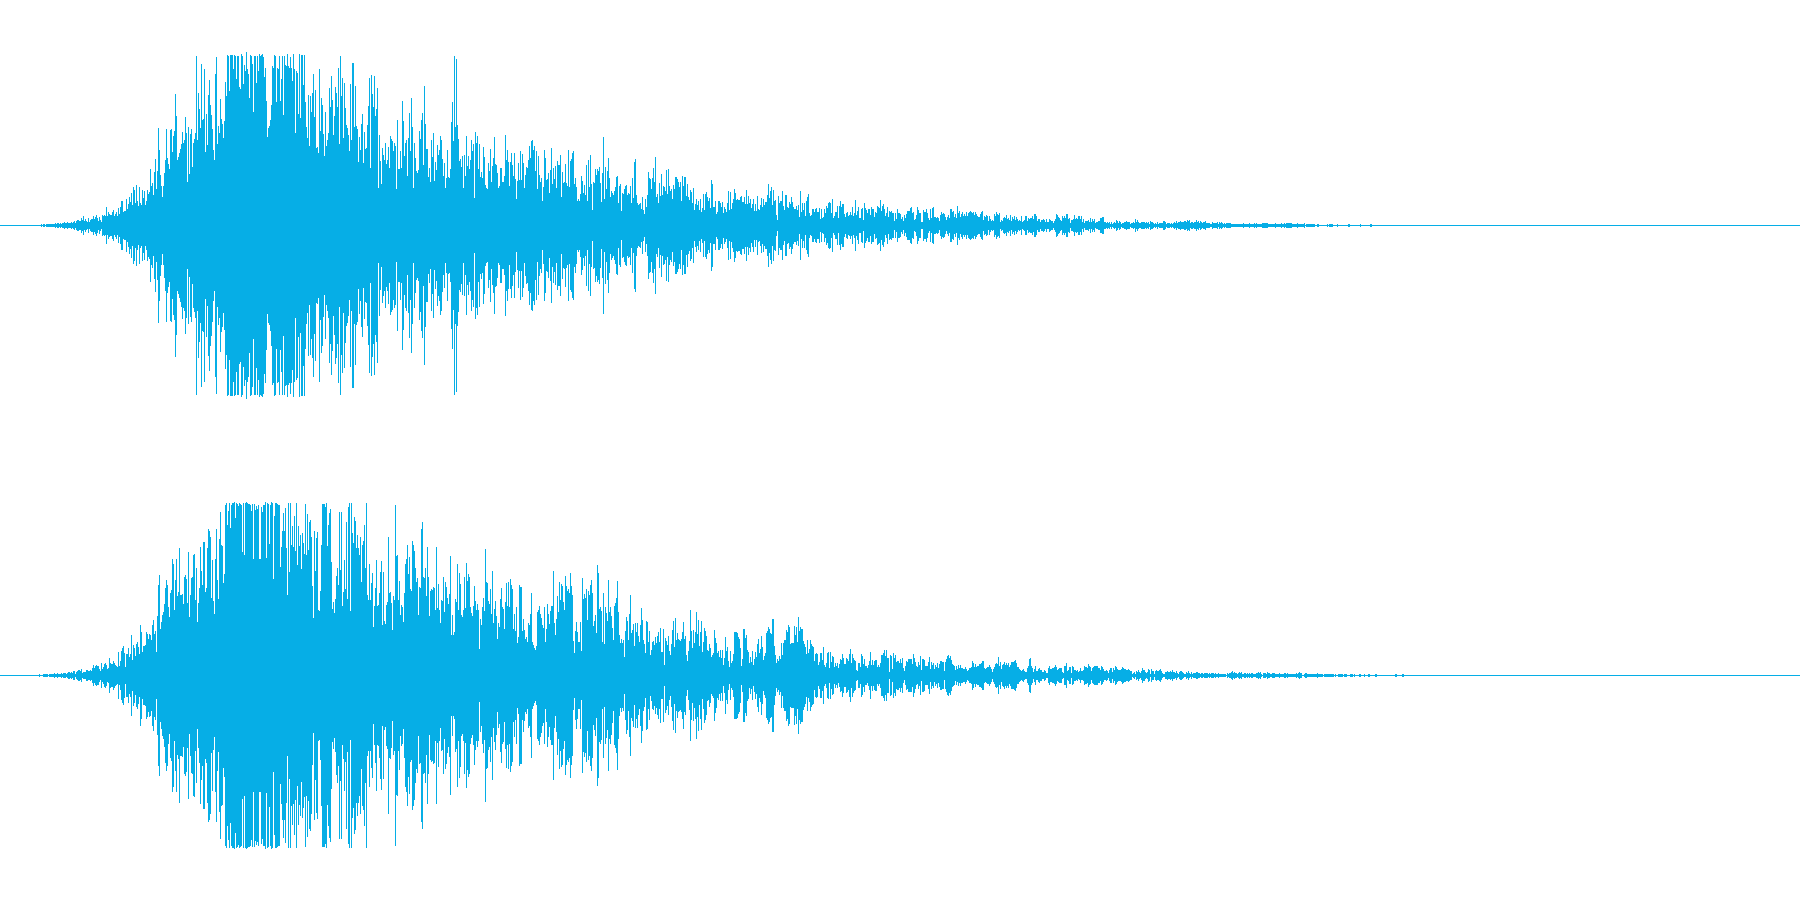 シュードーン-14(インパクト音)の再生済みの波形